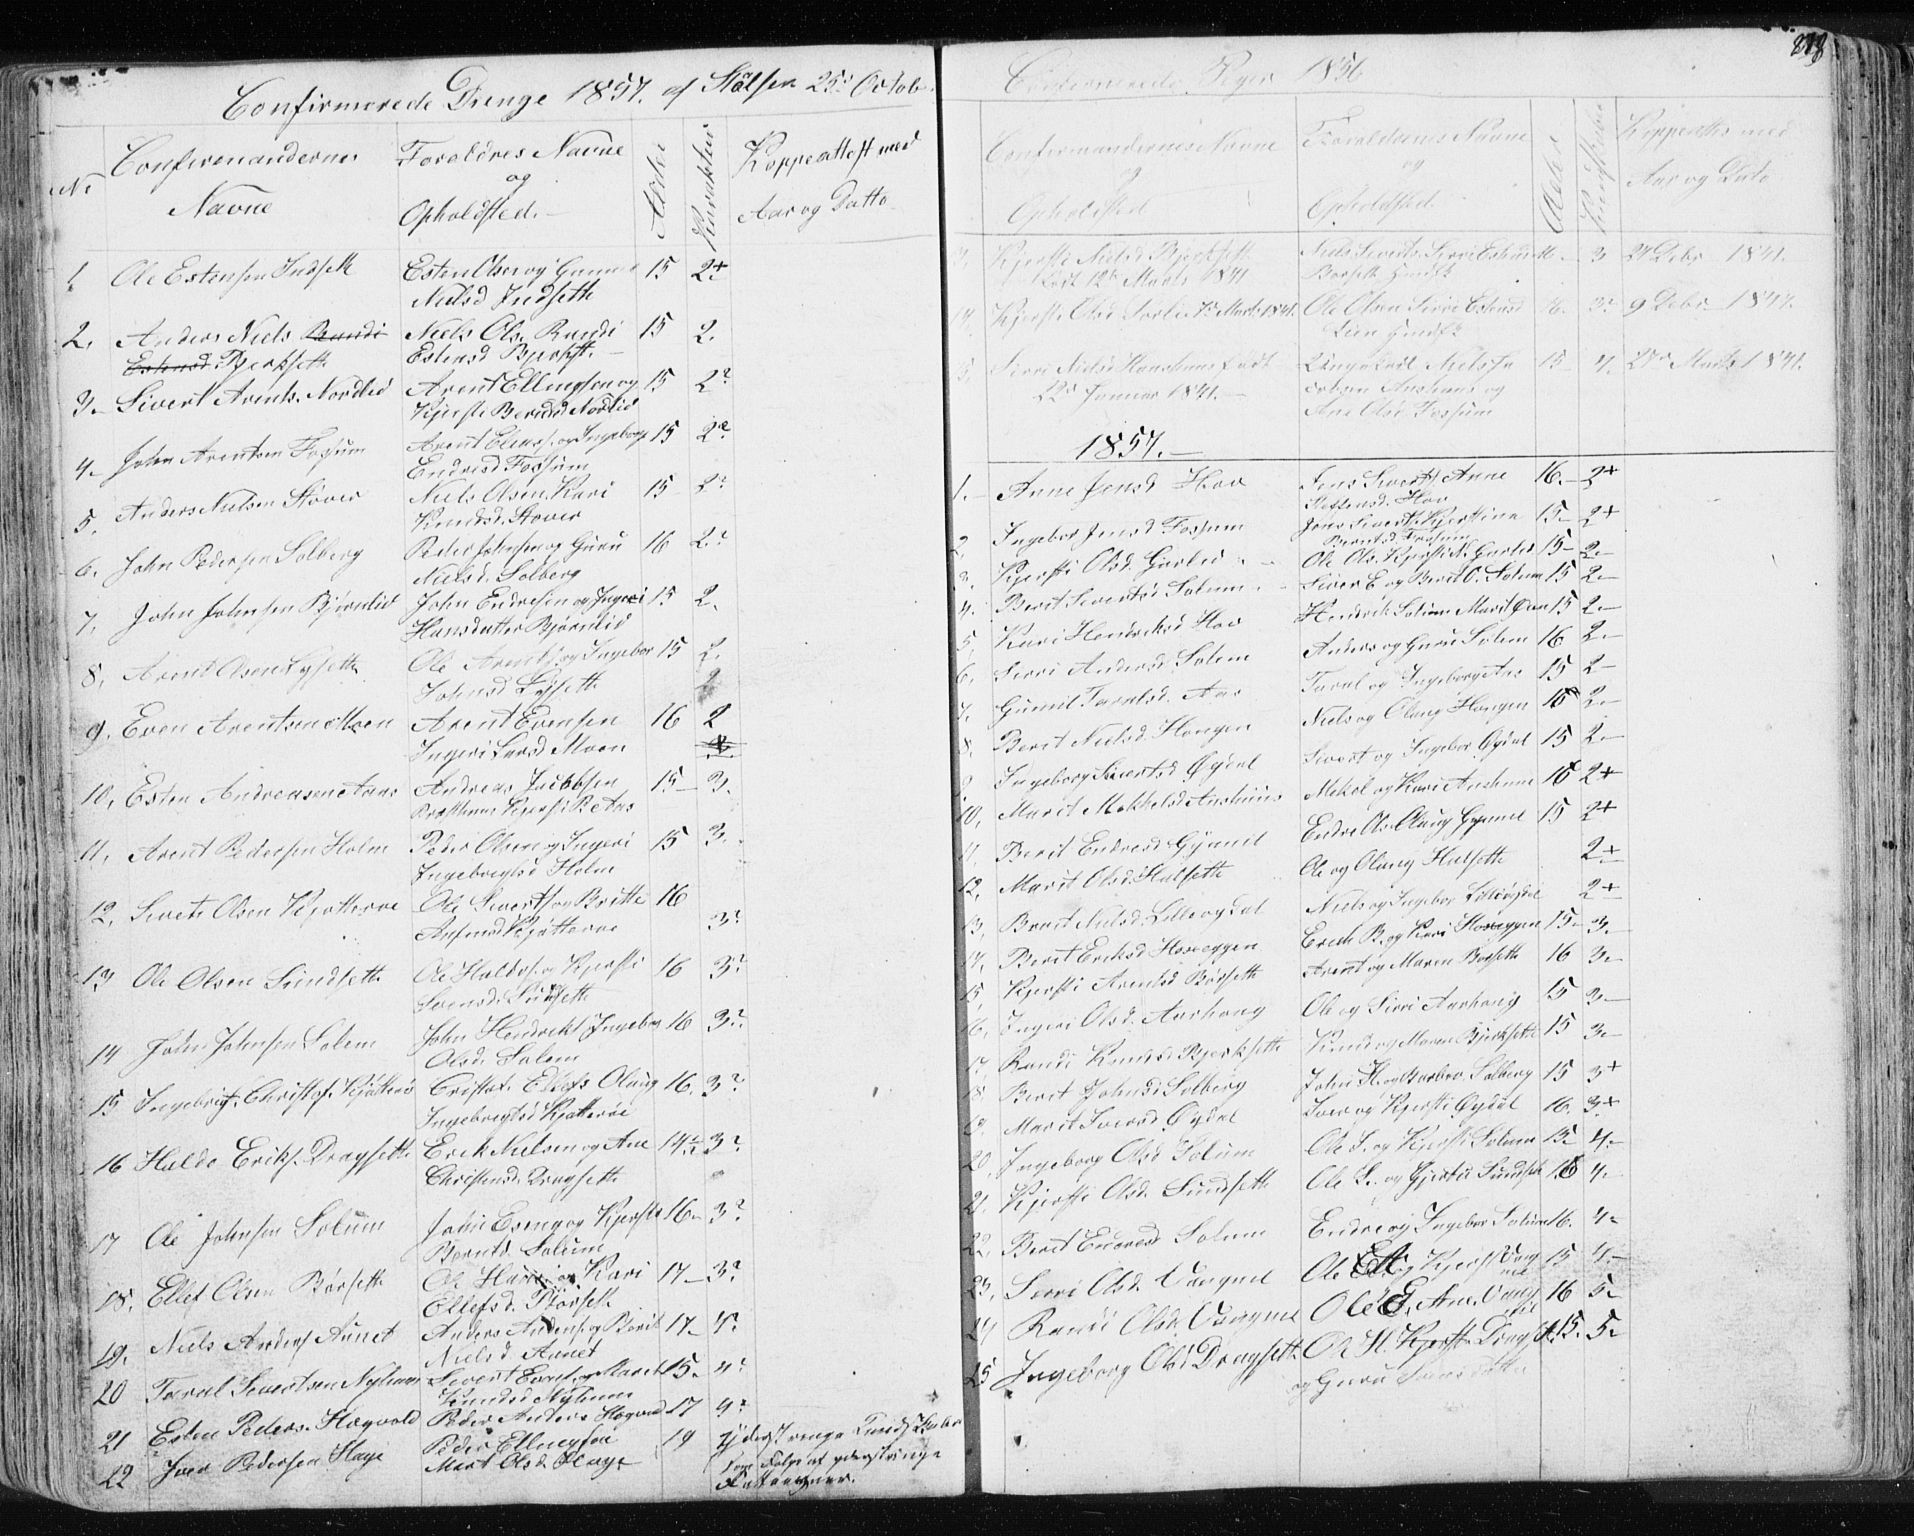 SAT, Ministerialprotokoller, klokkerbøker og fødselsregistre - Sør-Trøndelag, 689/L1043: Klokkerbok nr. 689C02, 1816-1892, s. 278